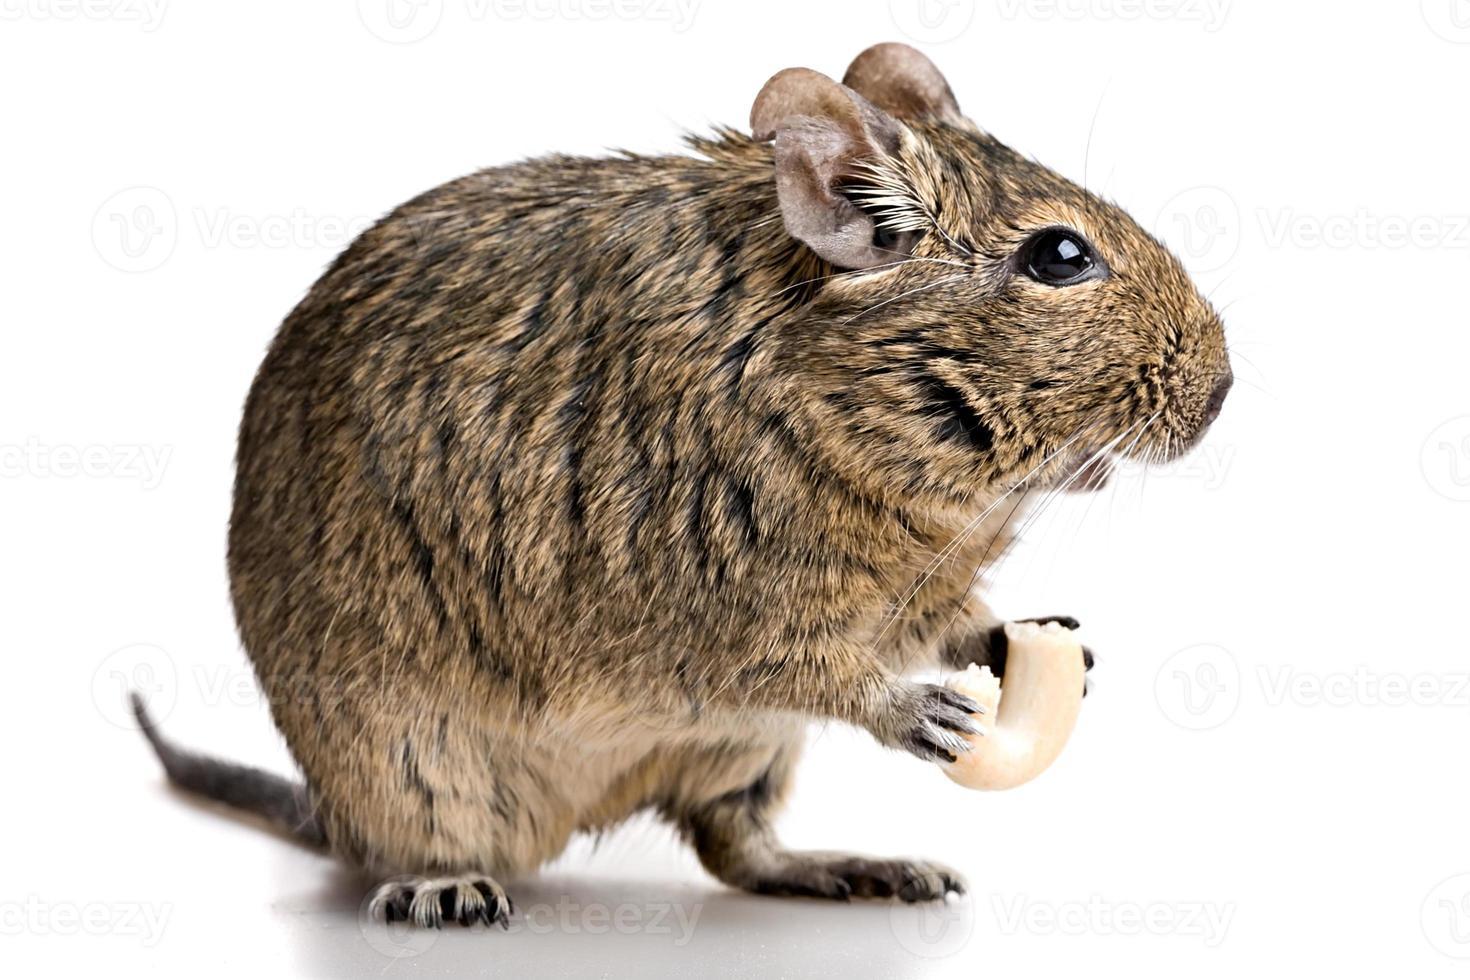 pequeno roedor fica perfil com comida nas patas foto